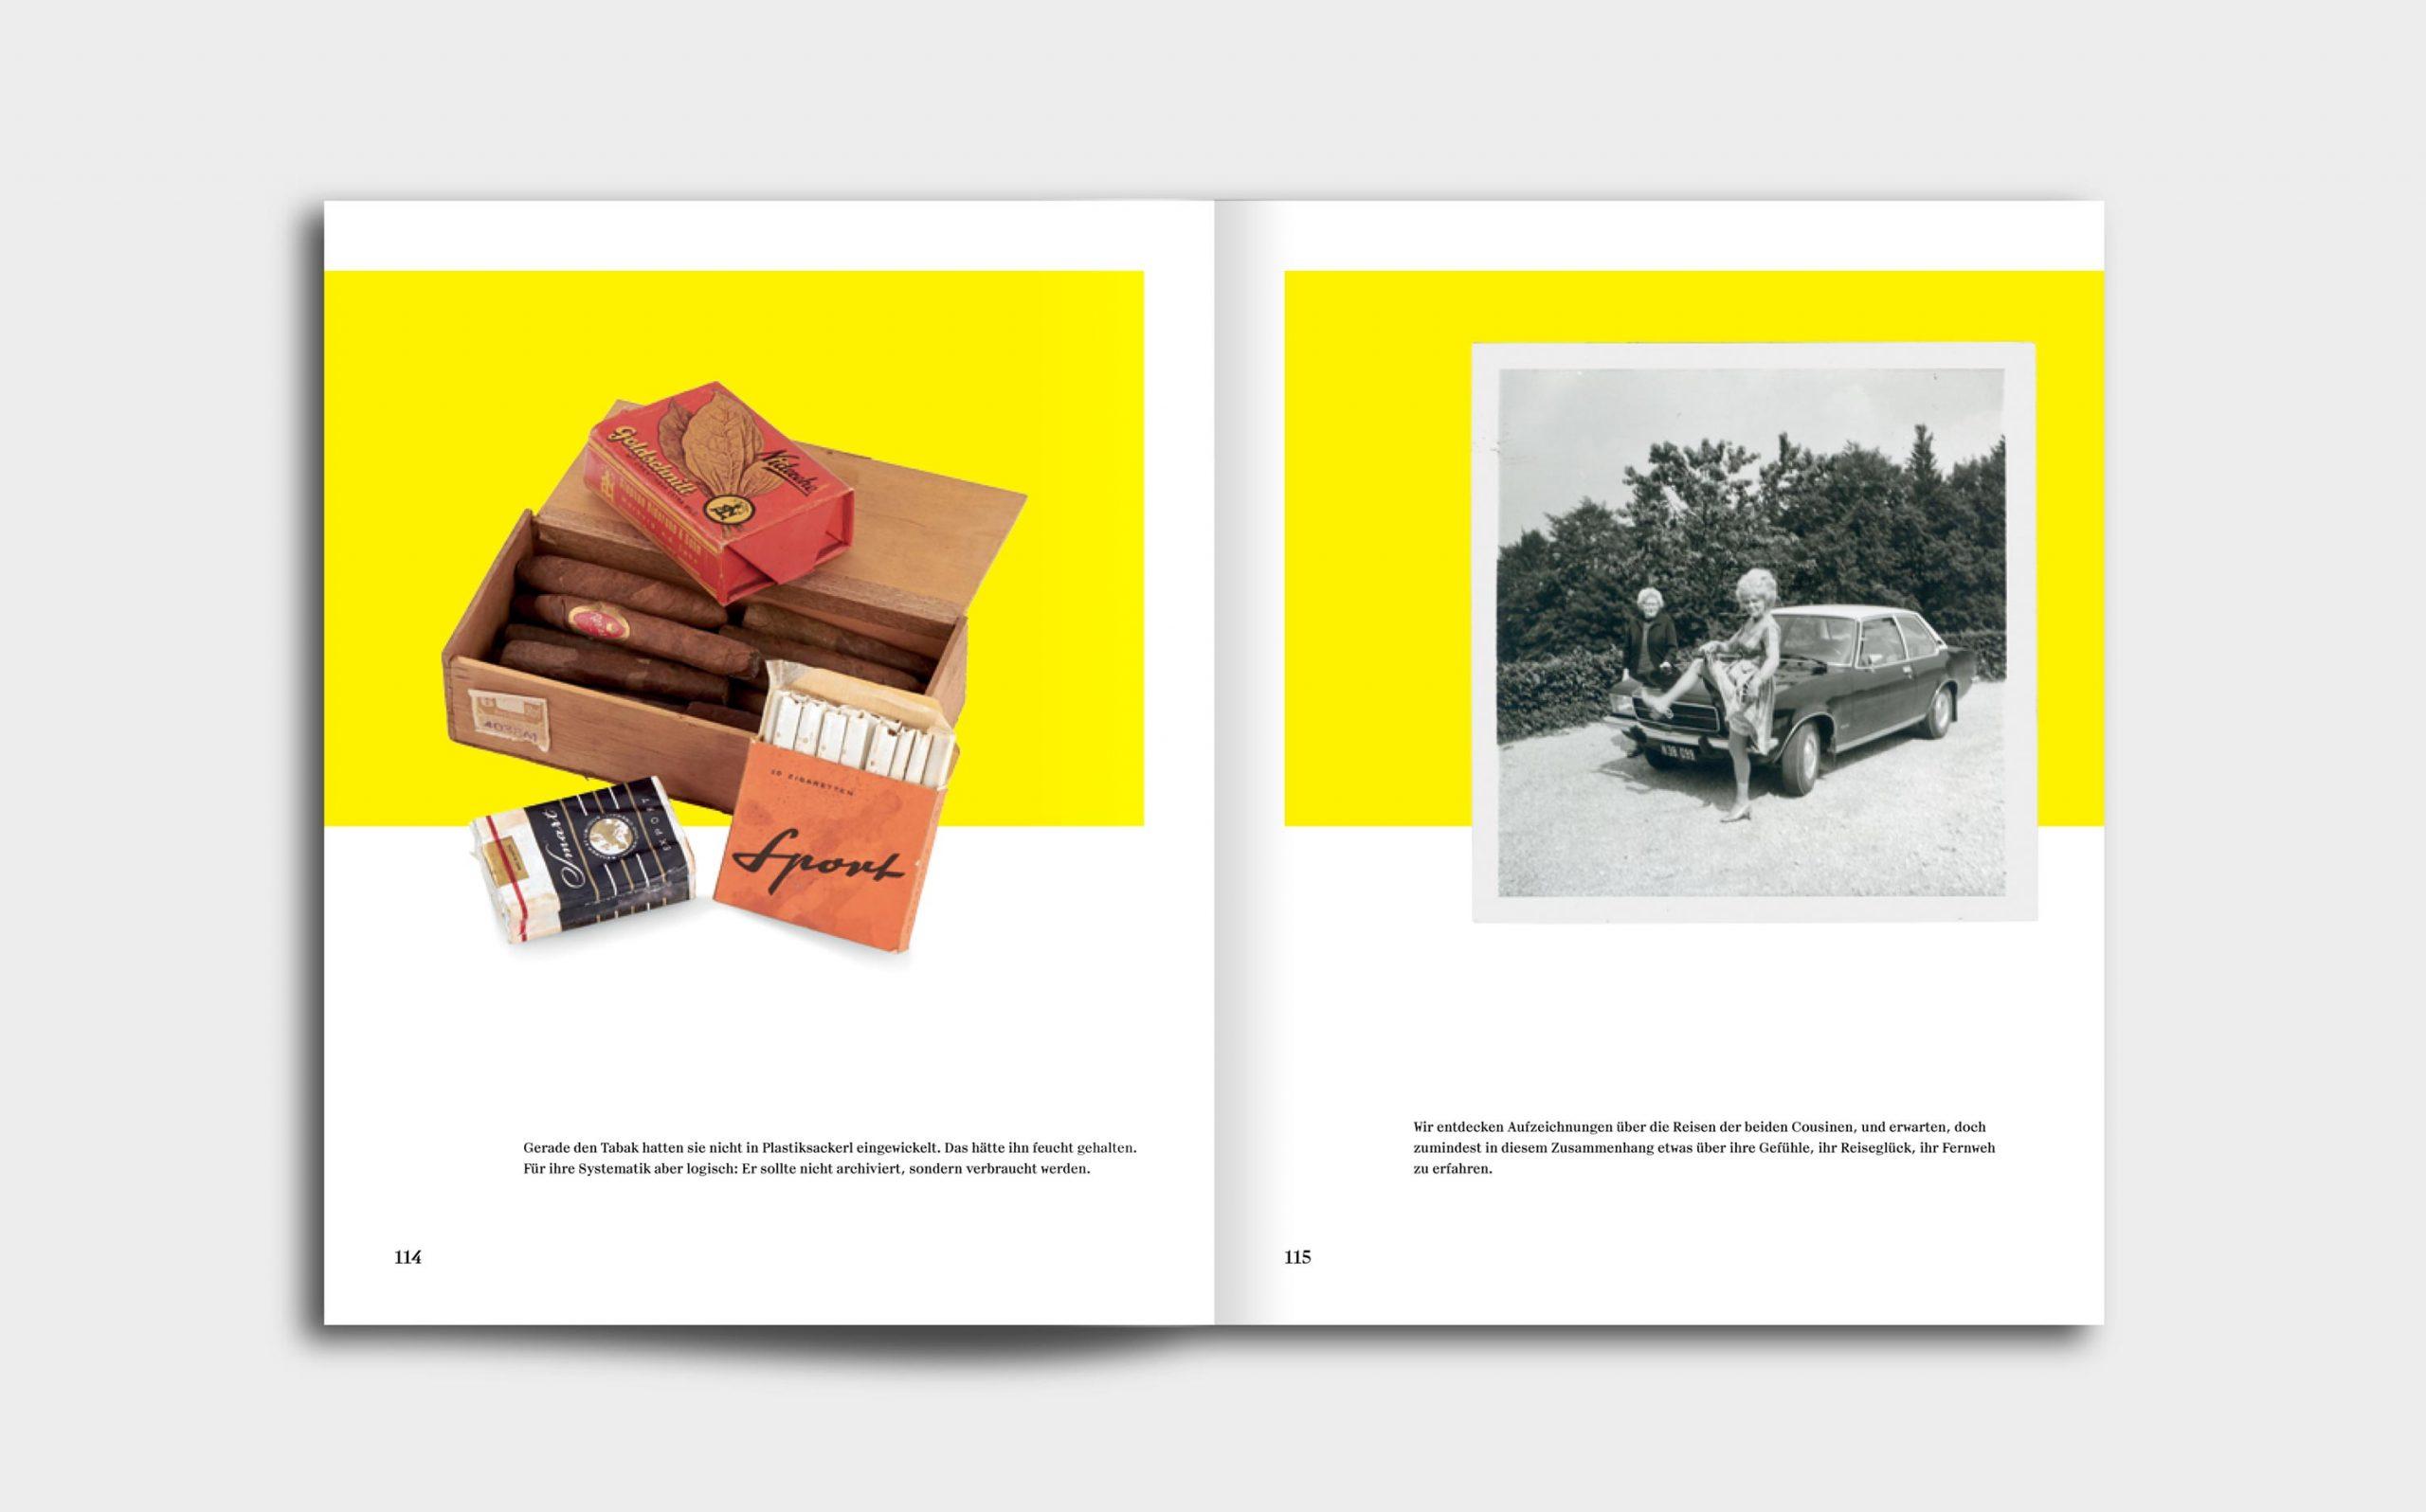 Tarek Leitner, Peter Coeln – Hilde & Gretl | Doppelseite mit zwei Bildern, links eine Zigarrenkiste, rechts ein altes schwarz-weiß Foto | Keywords: Editorial Design, Veredelung, Artist Book, Künstlerbuch, Buchgestaltung, Grafikdesign, Design, Typografie, Nippes